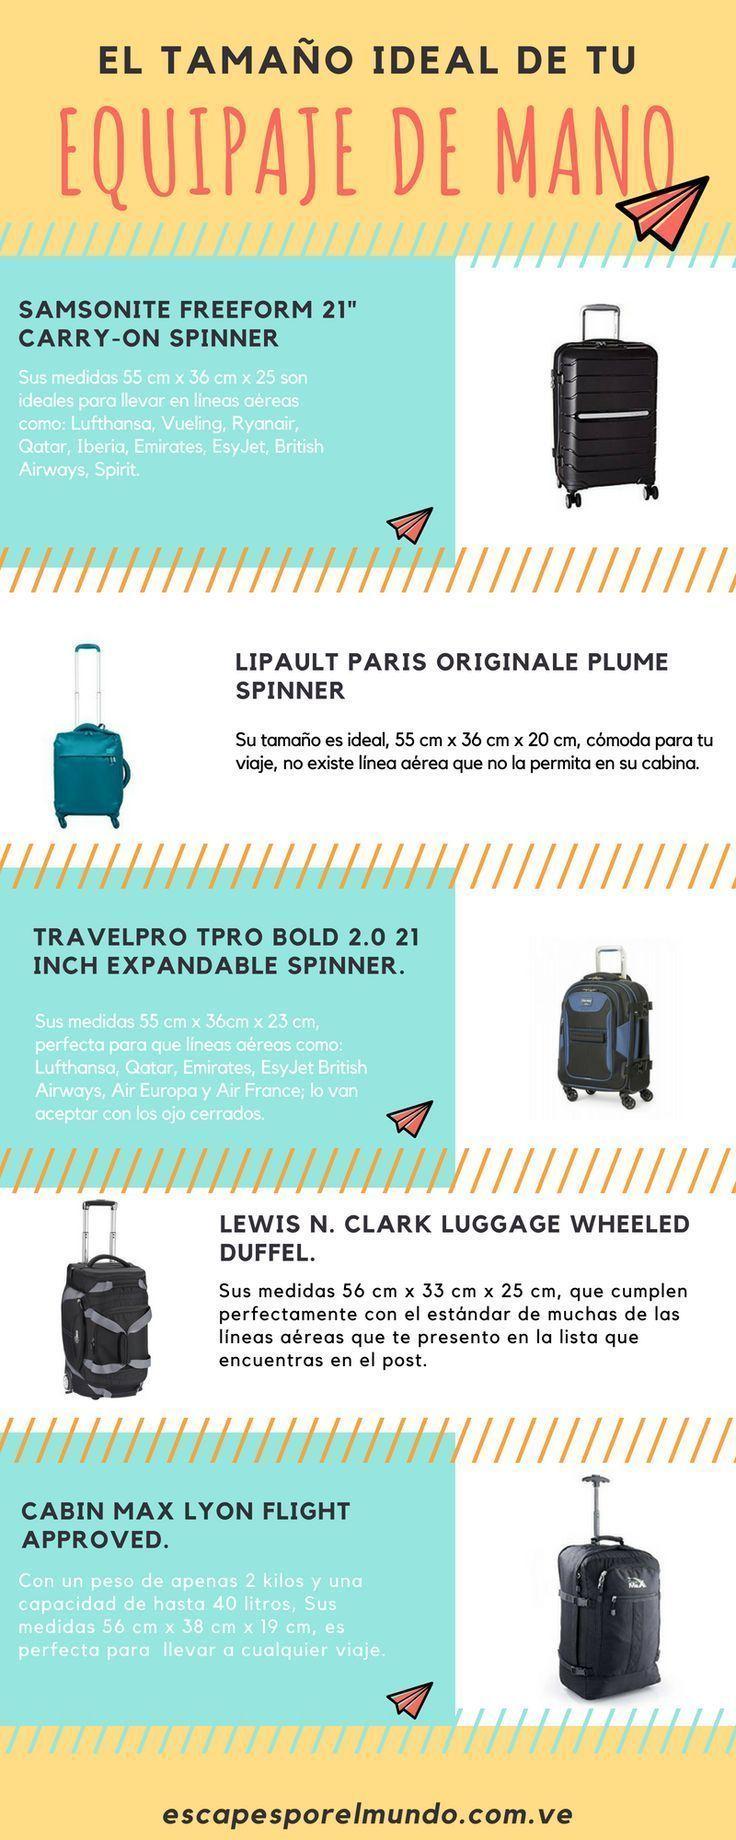 Guía 2020 Tamaño Ideal De La Maleta De Mano Escapes Por El Mundo Equipaje De Mano Maleta De Mano Equipaje De Mano Avion